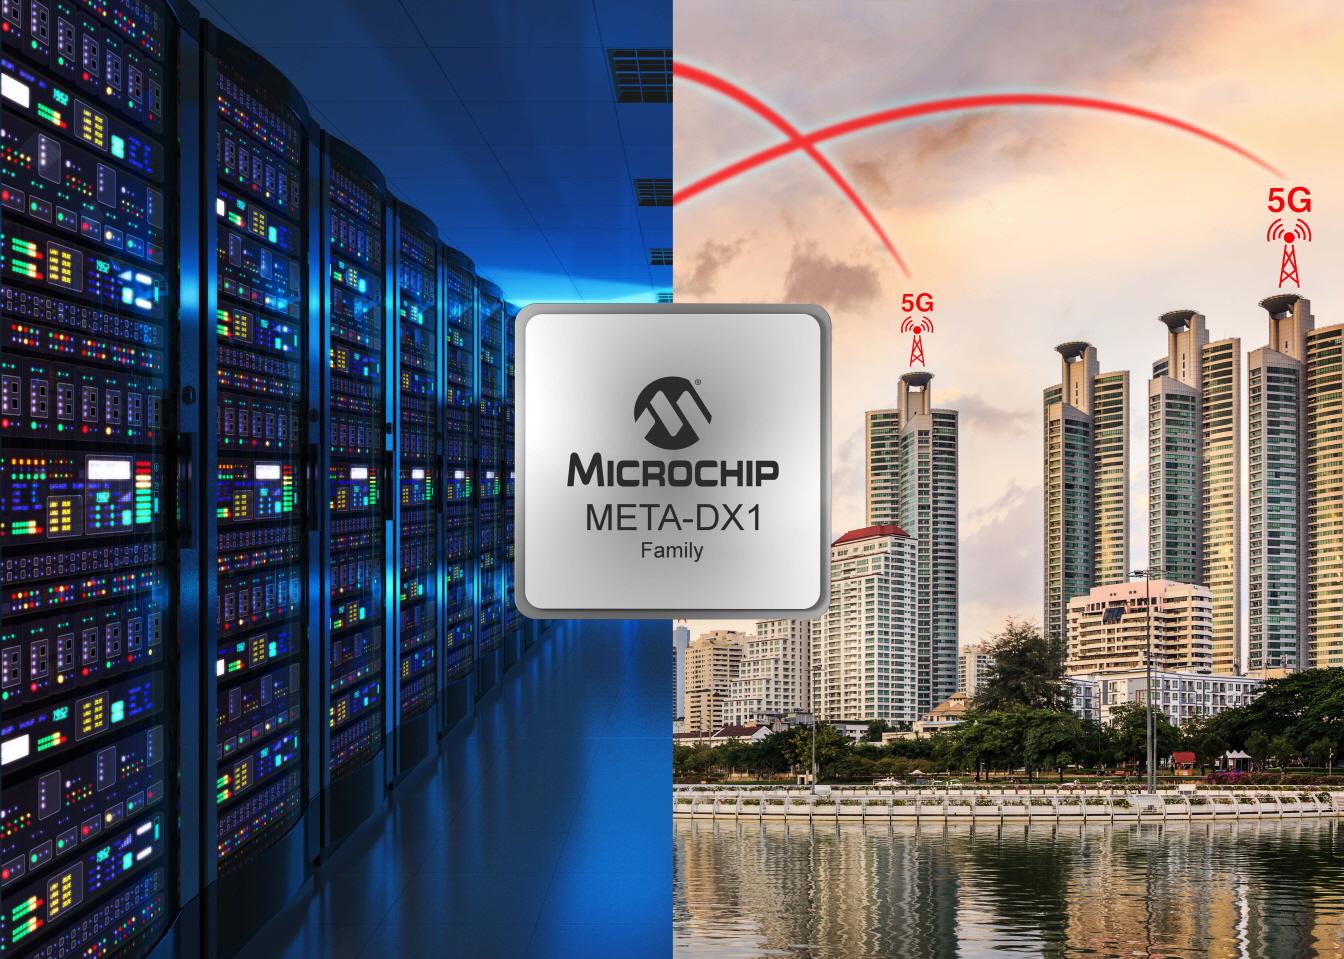 고속, 보안, 유연성 단일칩으로 통합...마이크로칩, META-DX1 이더넷 PHY 제품군